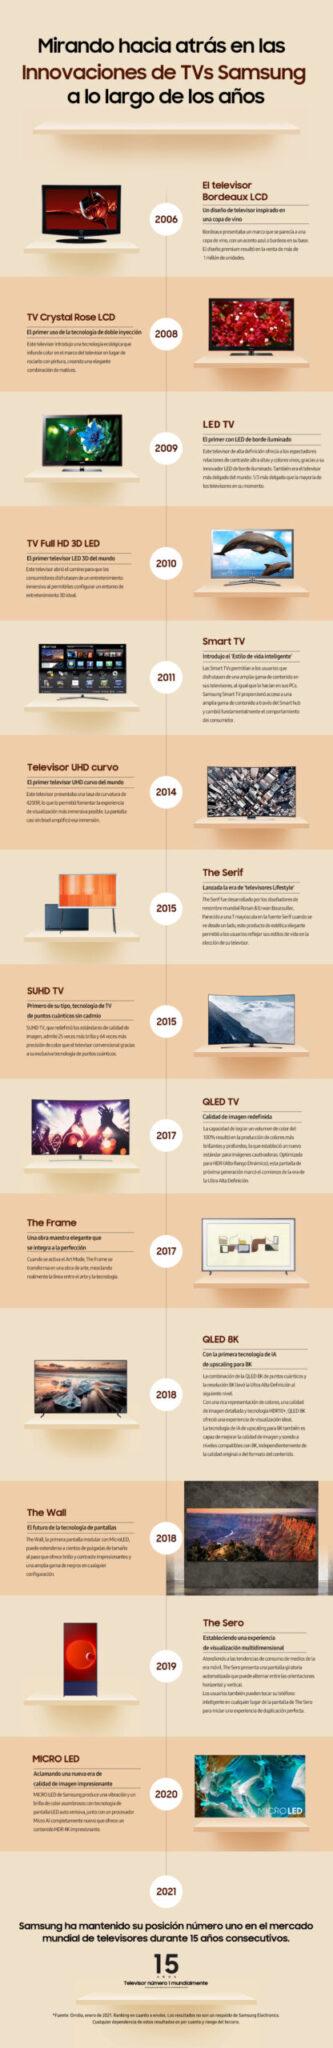 Infografía] Cronología del liderazgo de los televisores Samsung a lo largo de los años